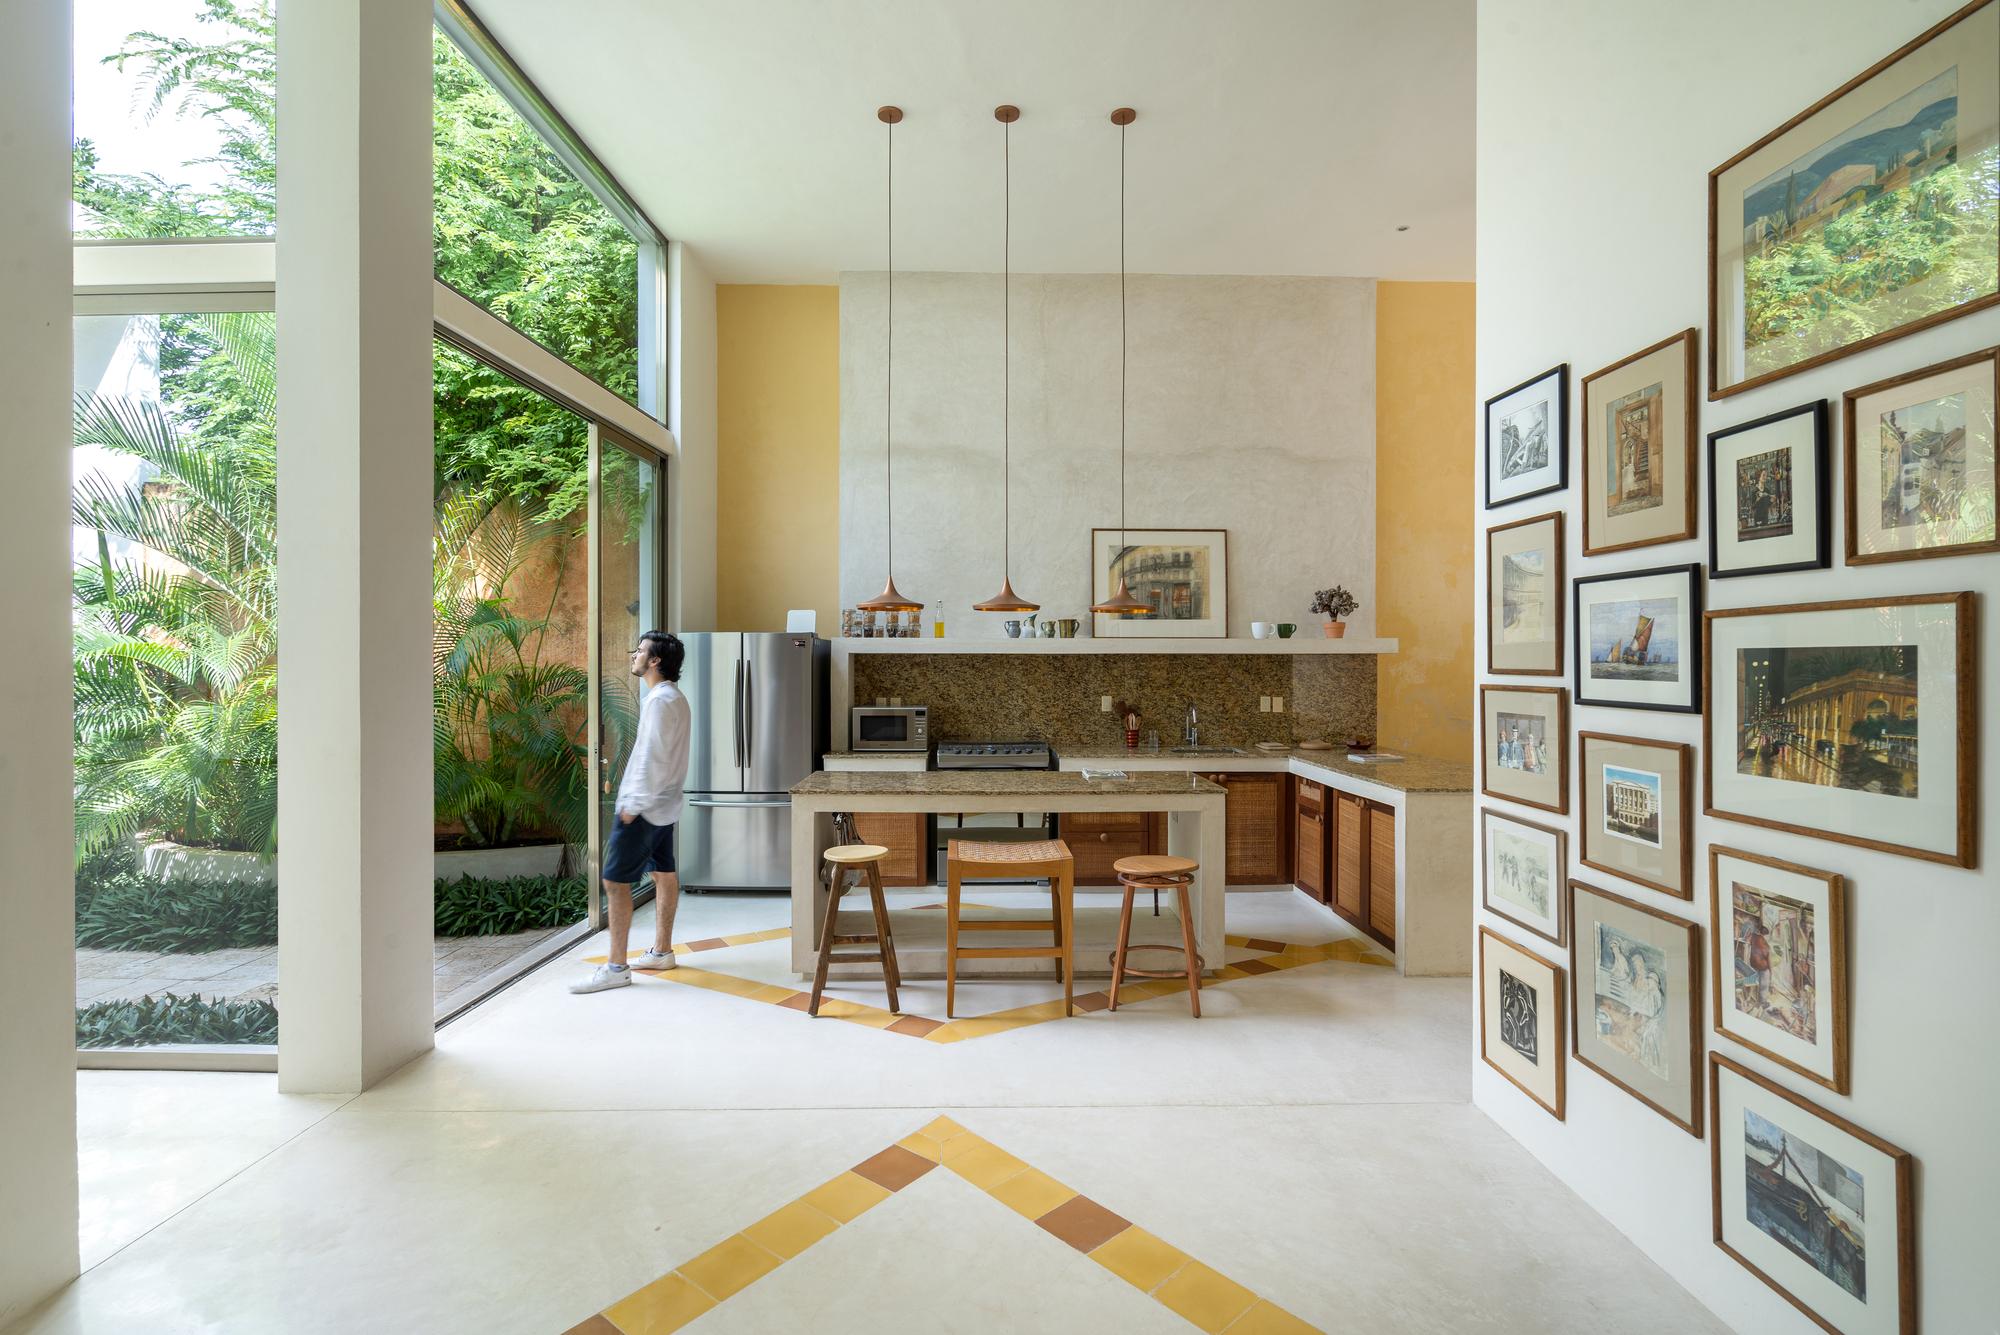 E&A 64 House / Taller Estilo Arquitectura